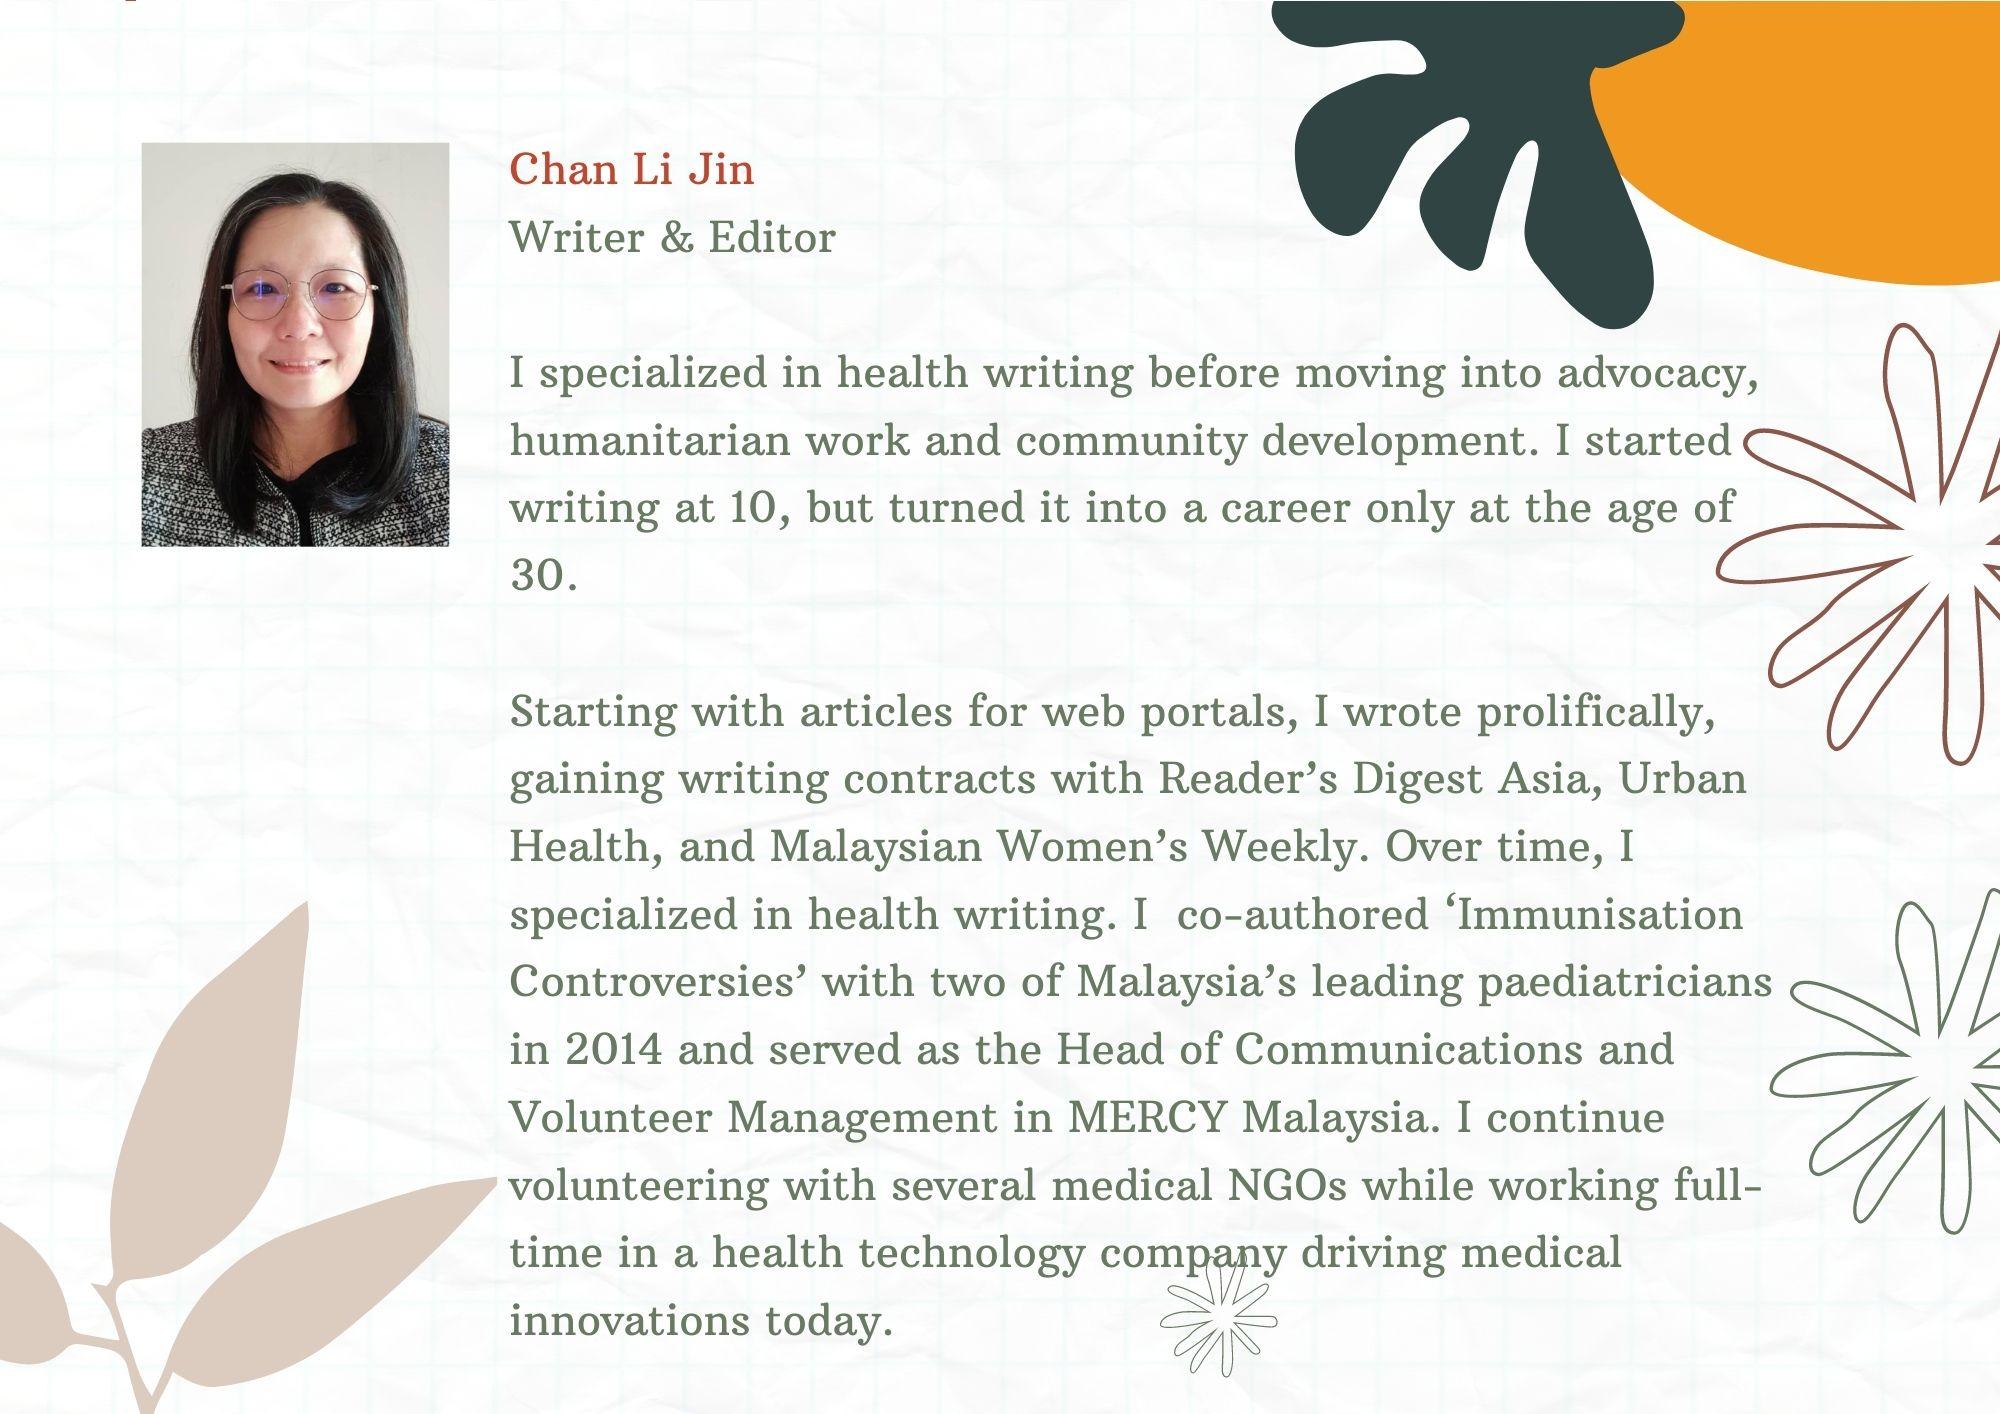 chan li jin health writer immunisation controversy